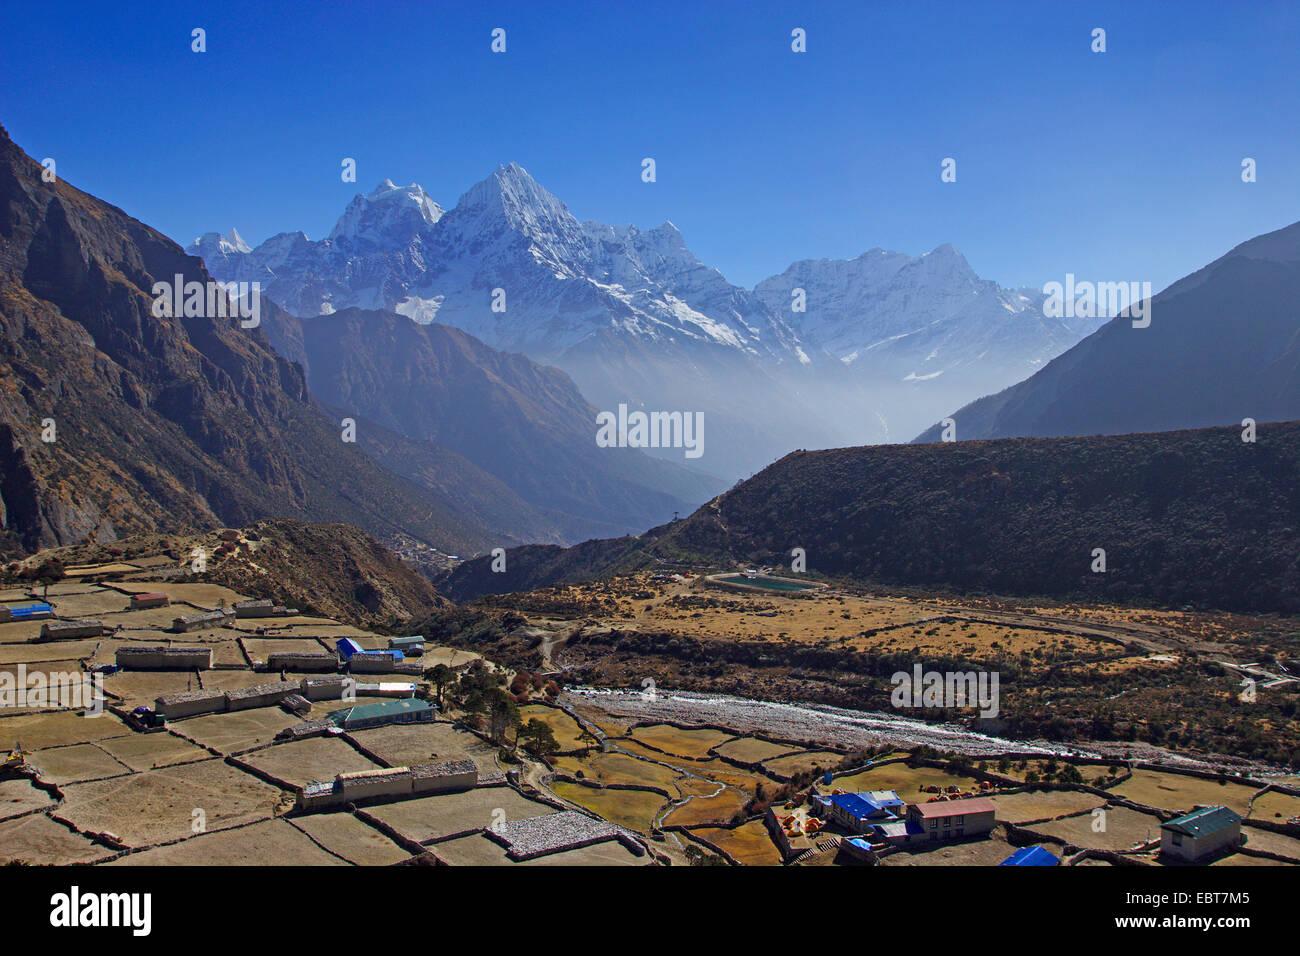 Thame with Kangtega, Thamserku and Kusum Khangkaru, Nepal, Khumbu Himal - Stock Image